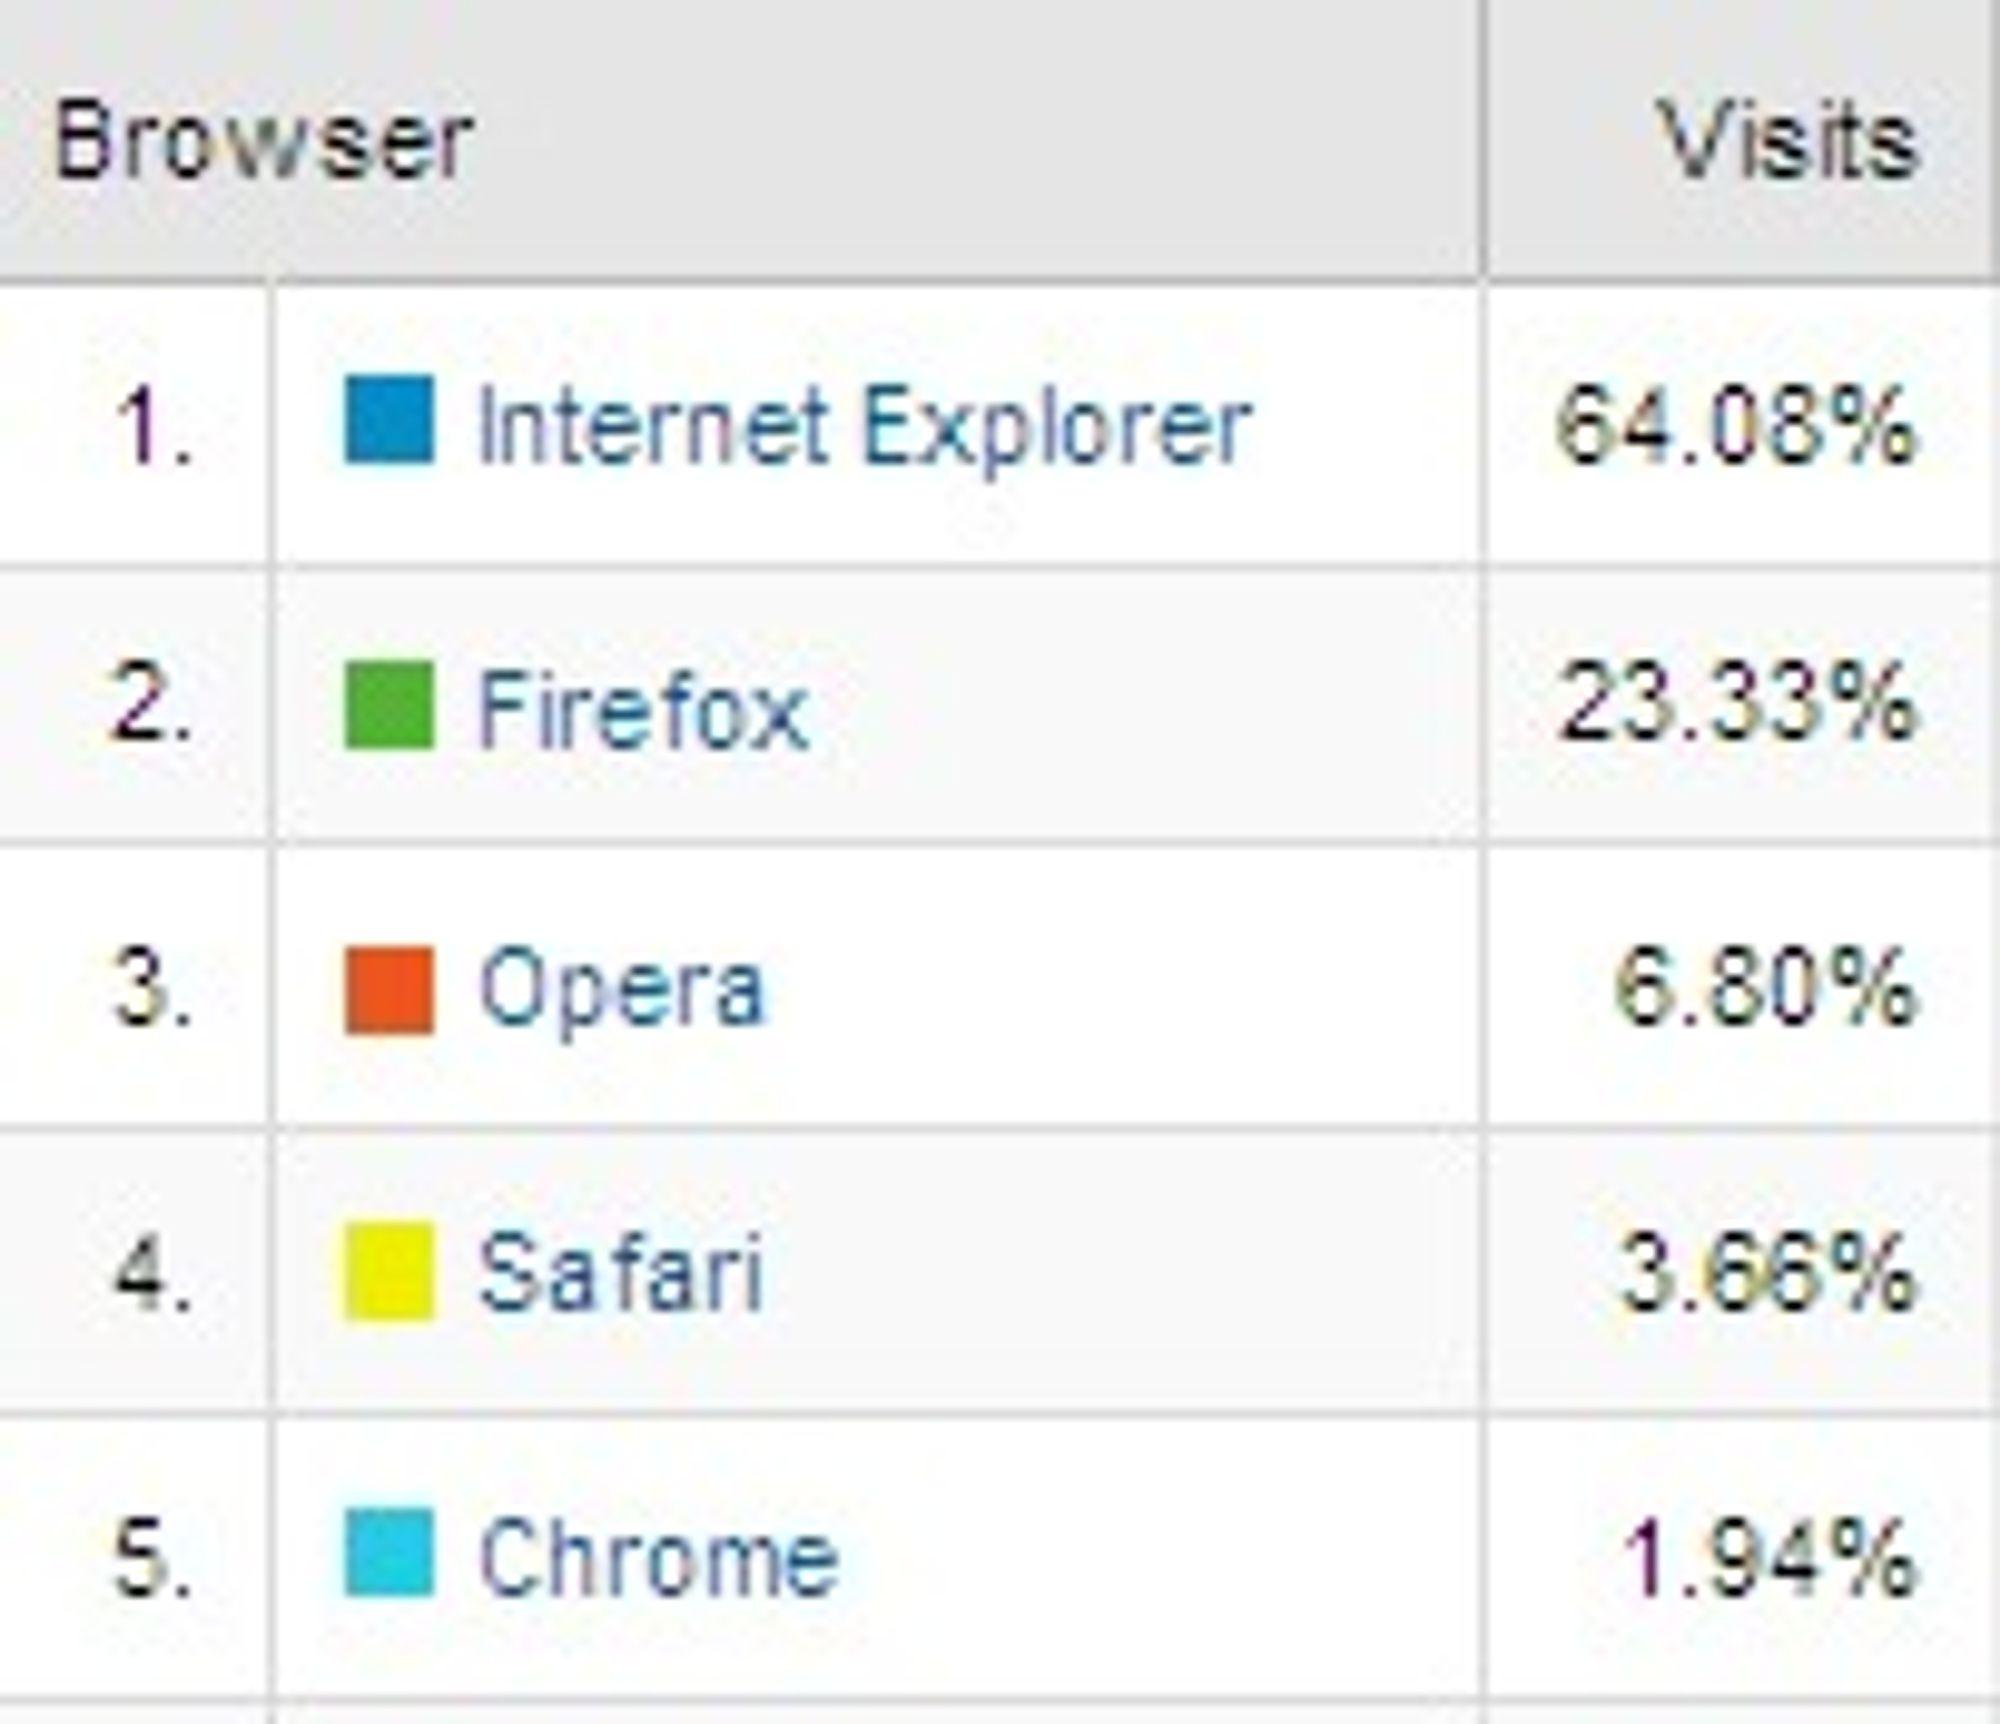 Nettleserandel på Dinside.no i januar 2009. Tall fra Google Analytics.